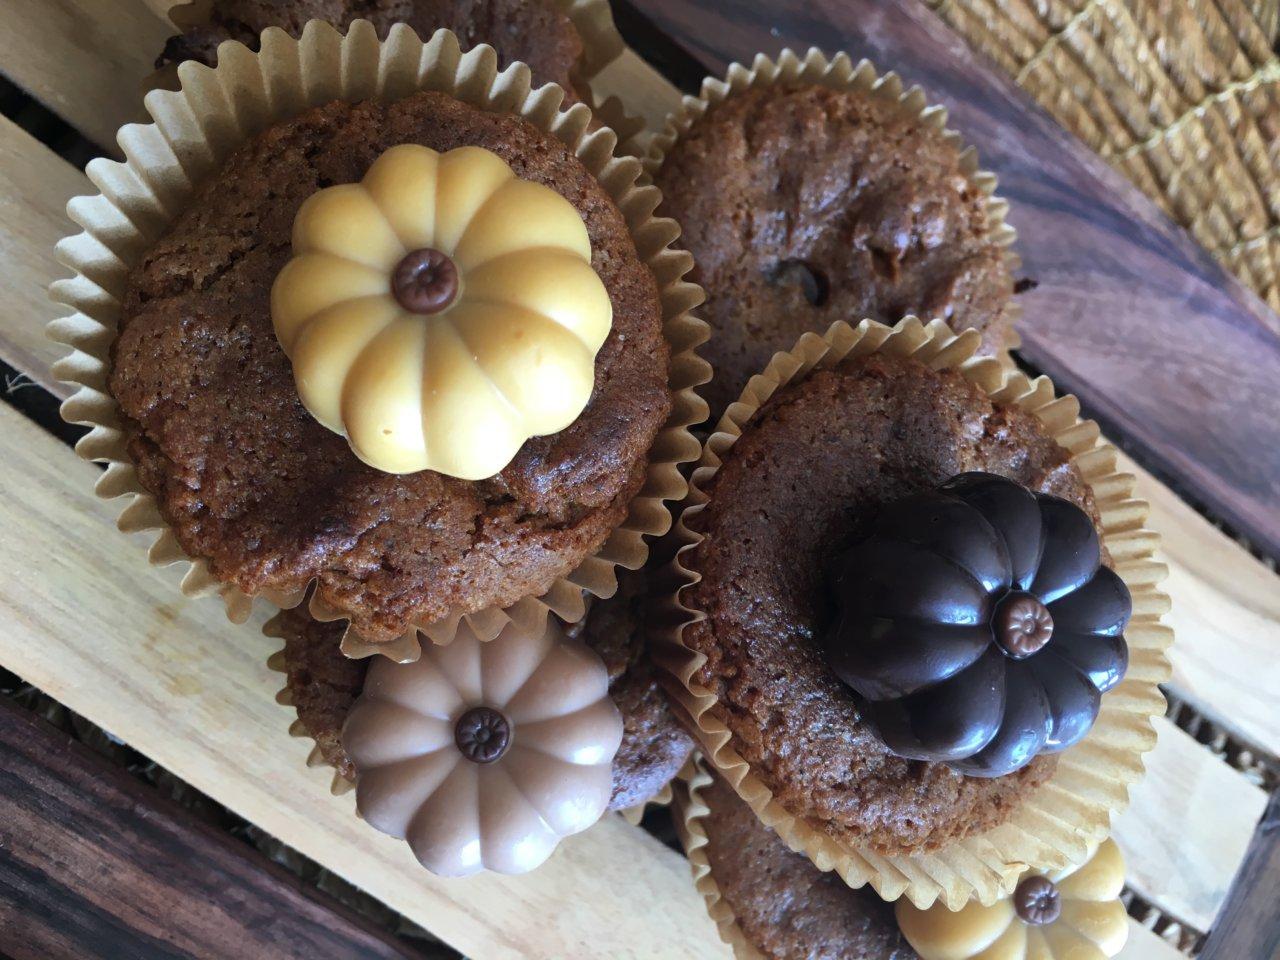 Gluten-Free-Pumpkin-Chocolate-Chip-Muffins-1280x960.jpg